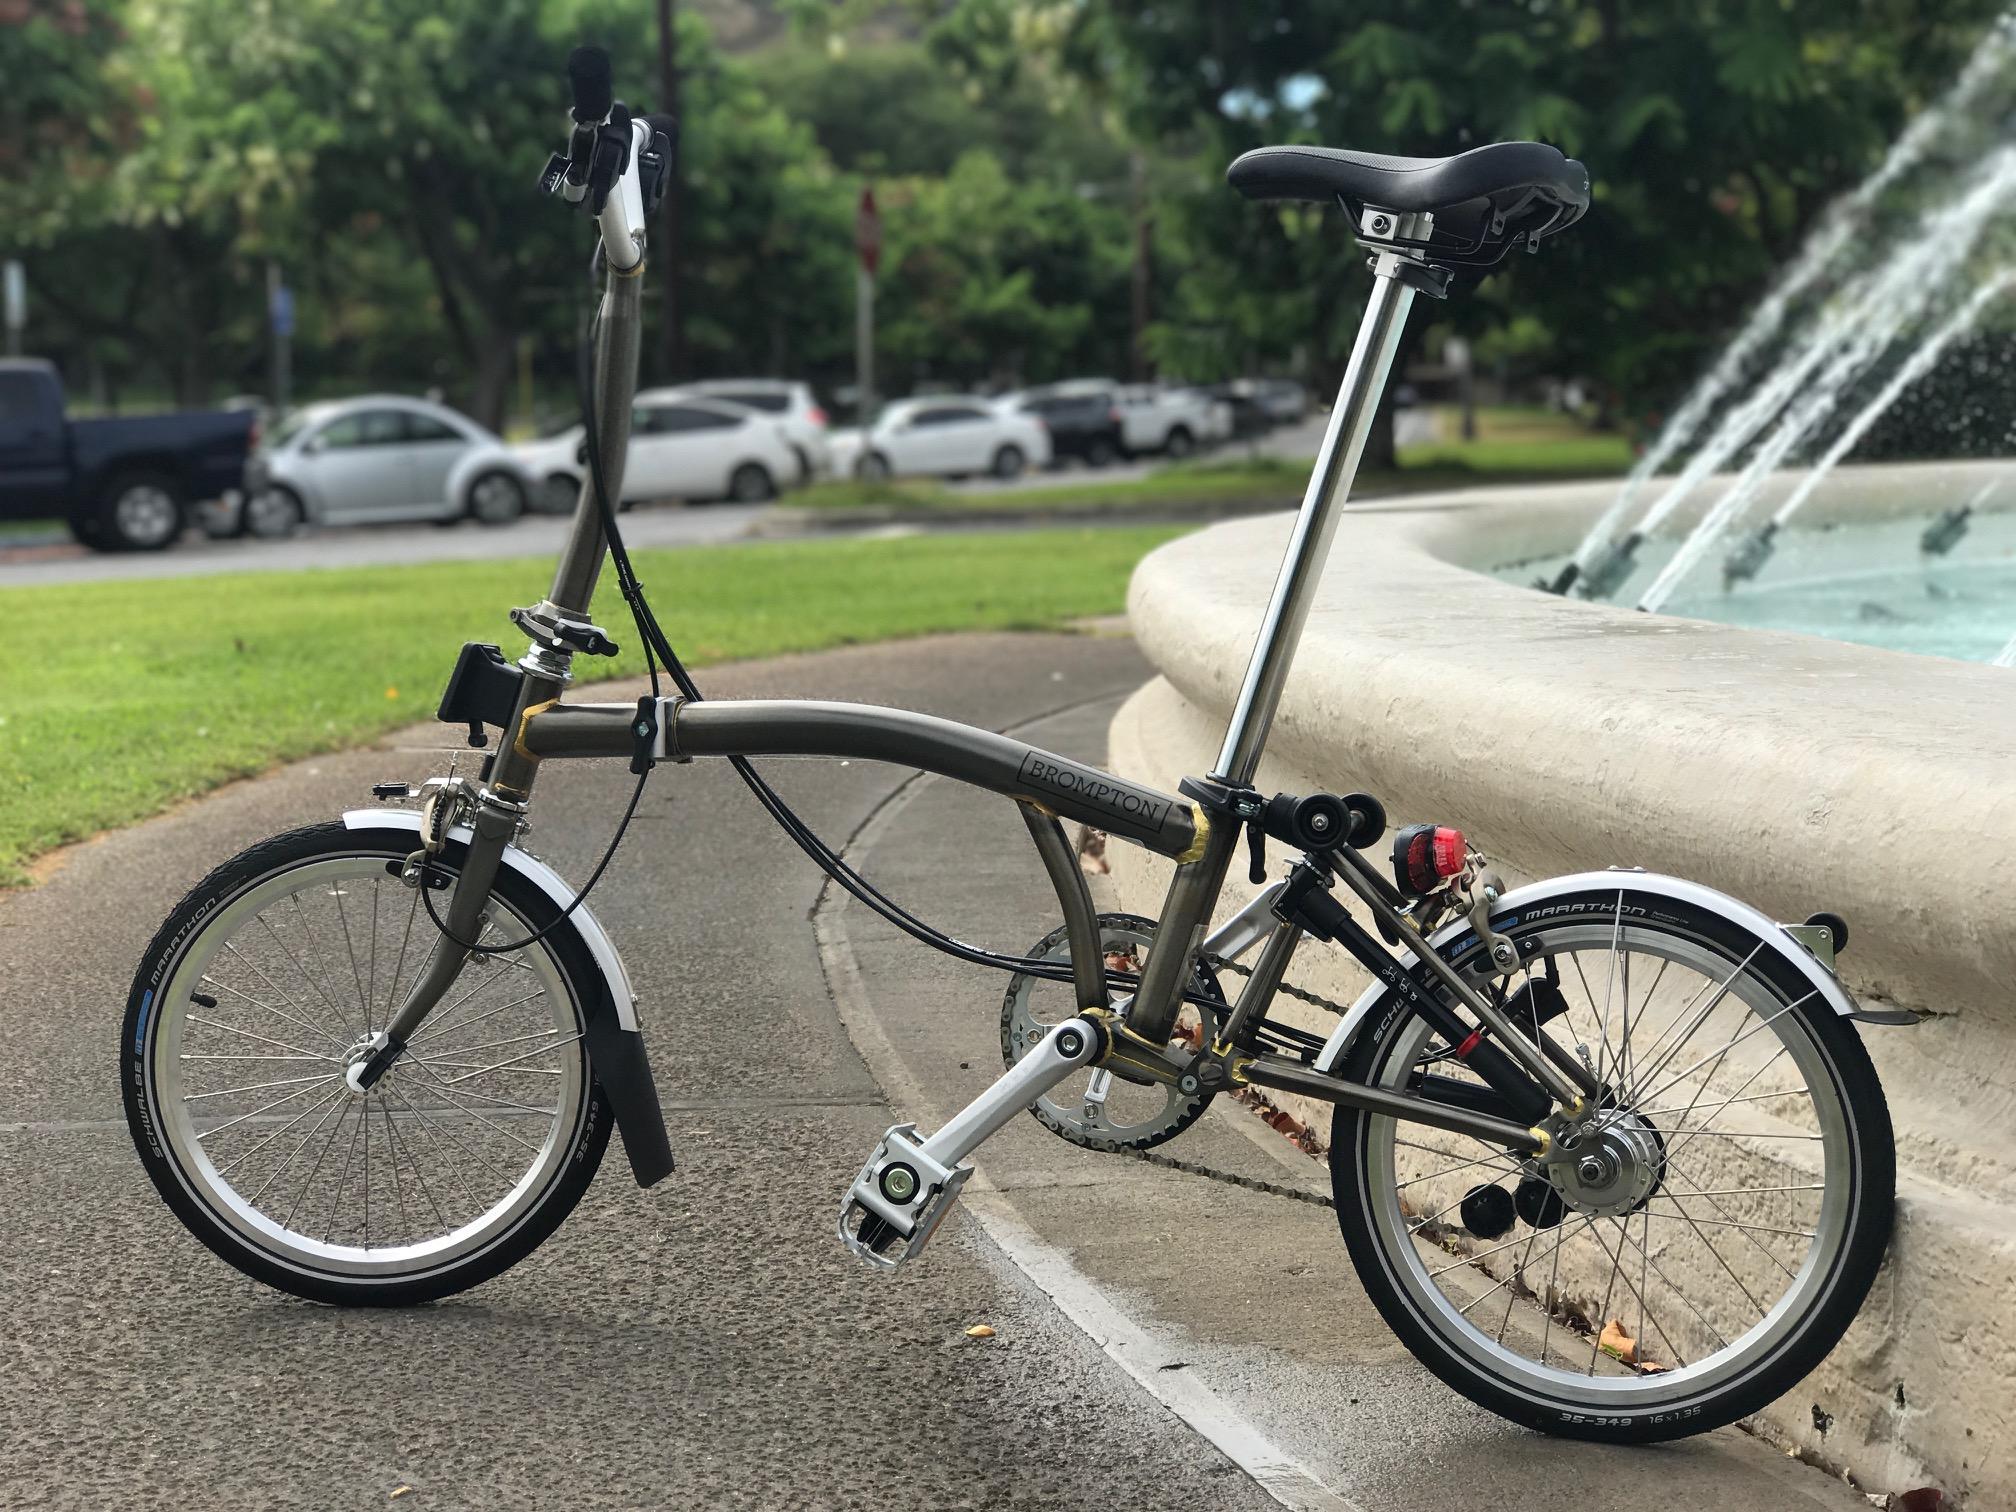 Brompton Bikes: The portable phenomenon from London